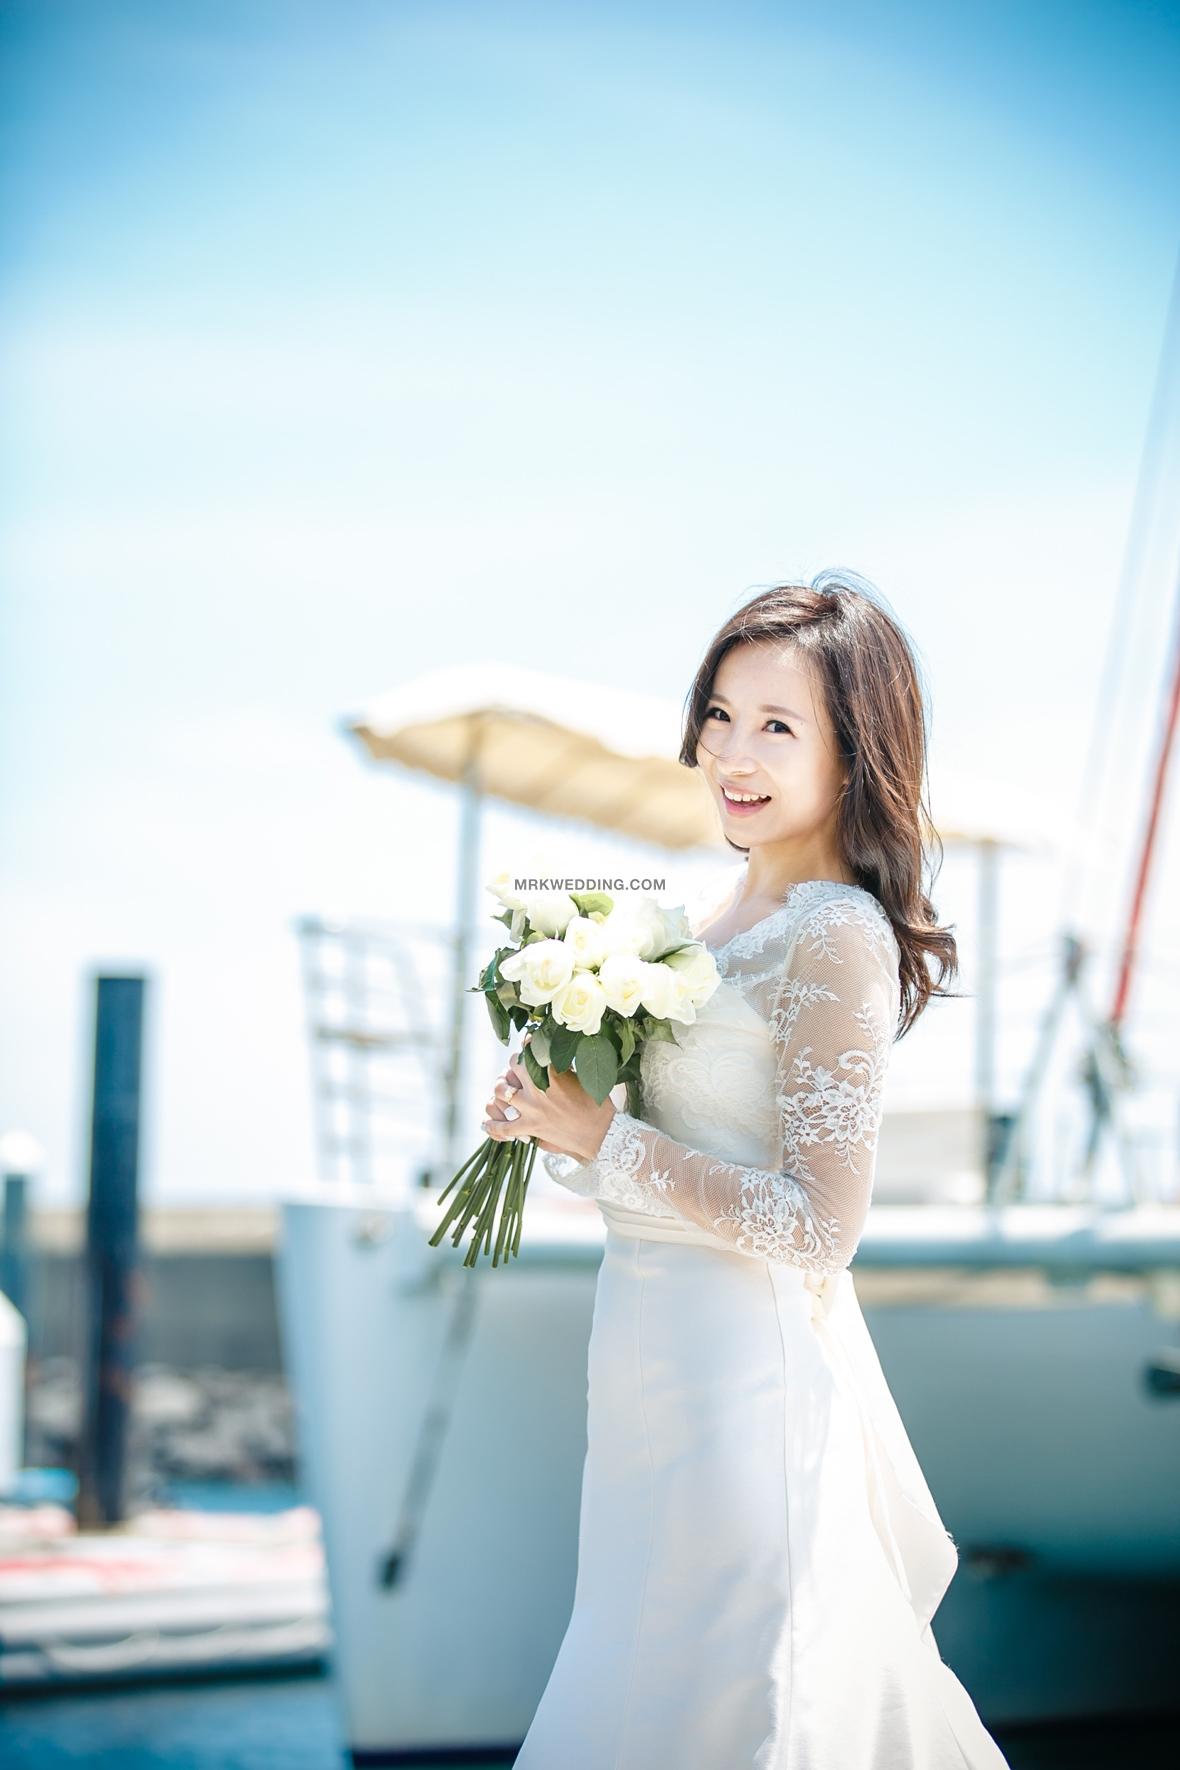 韓國婚紗攝影 (3).jpg